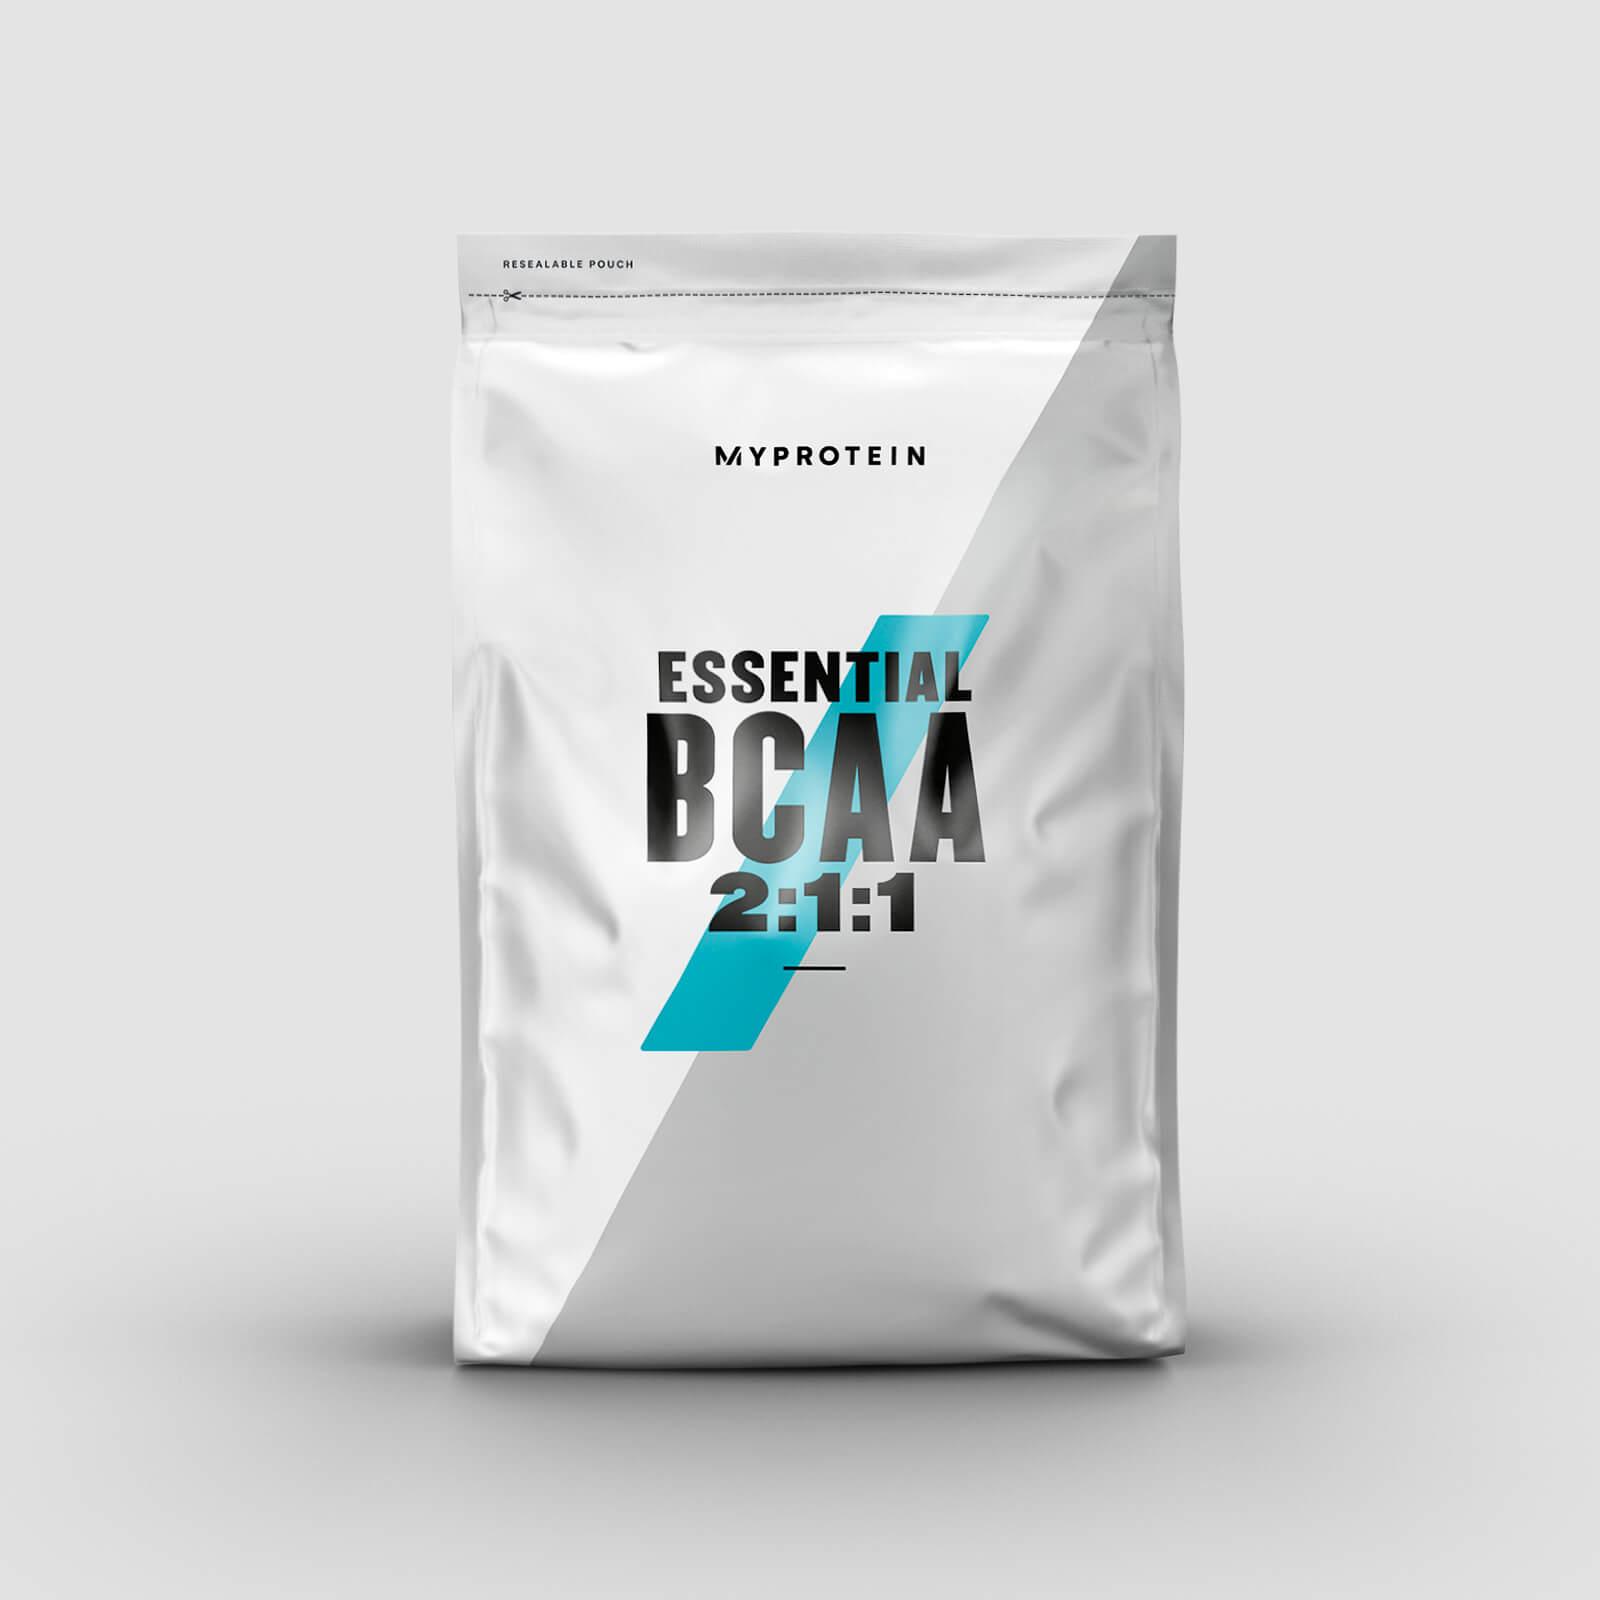 Myprotein Essential BCAA 2:1:1 Powder - 250g - Pastis